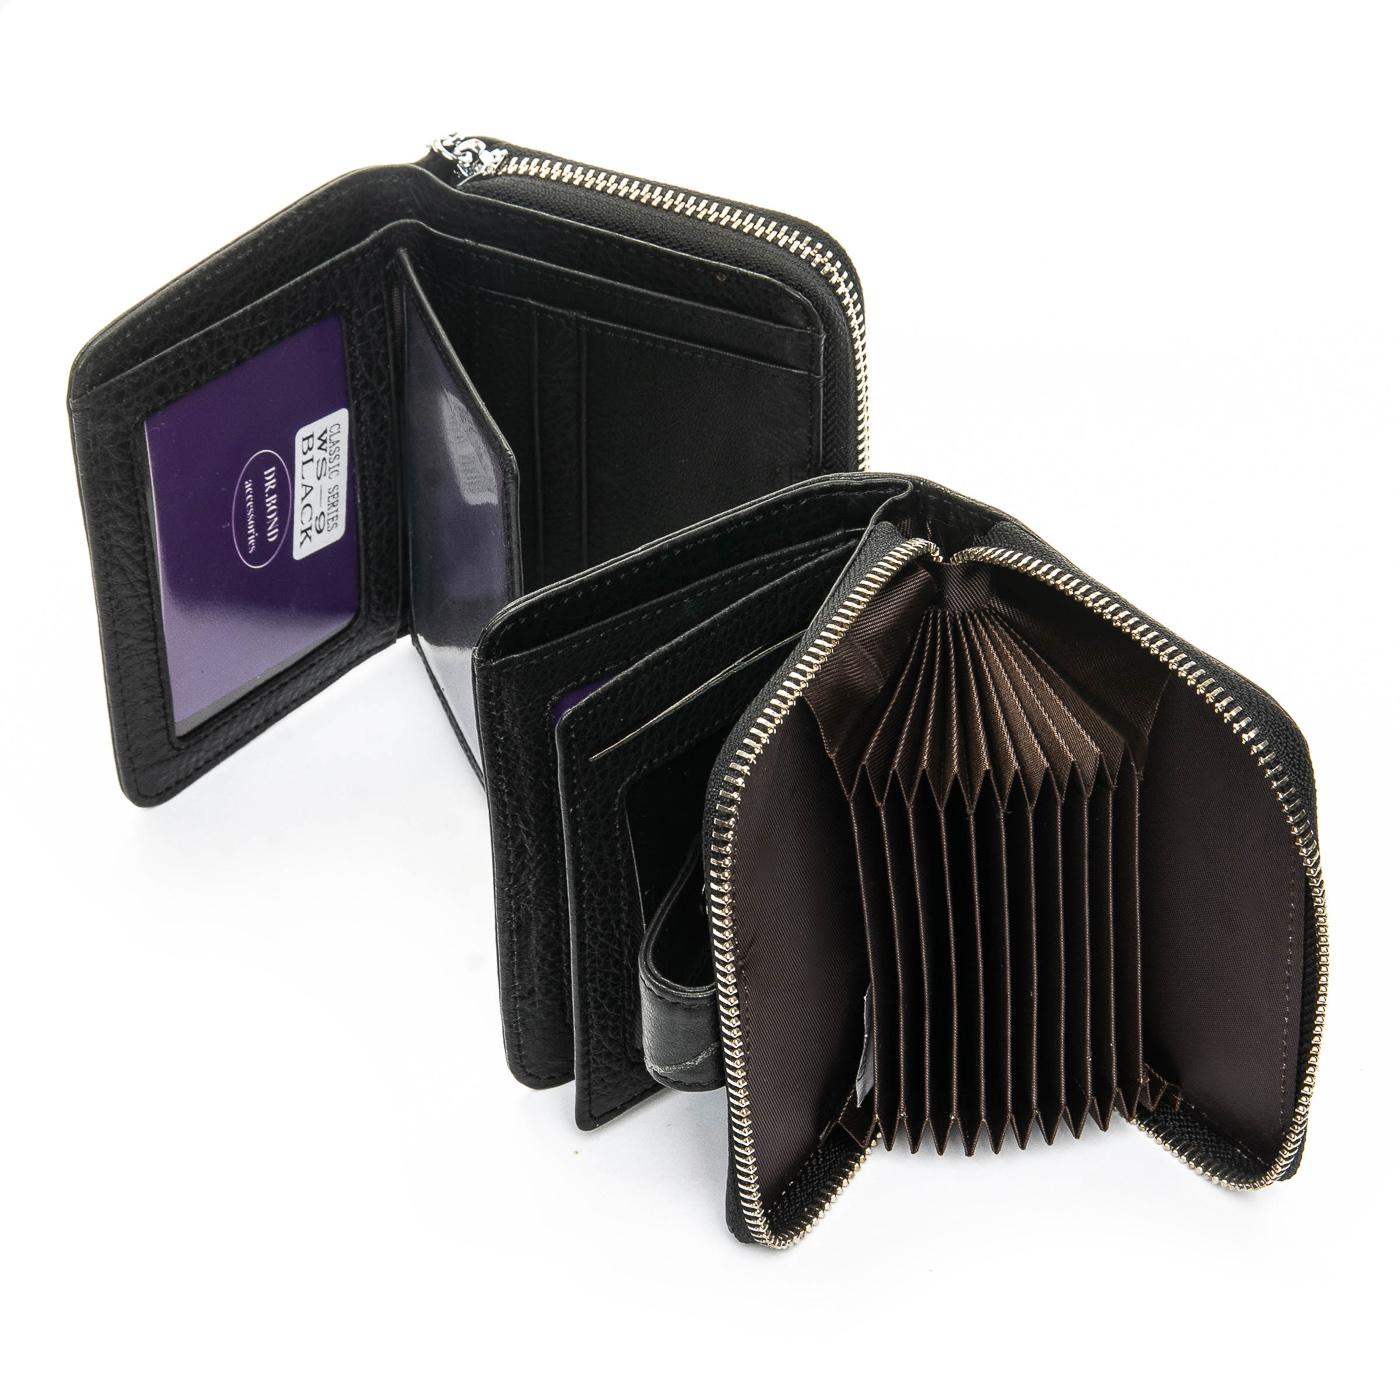 Кошелек Classic кожа DR. BOND WS-9 black - фото 4